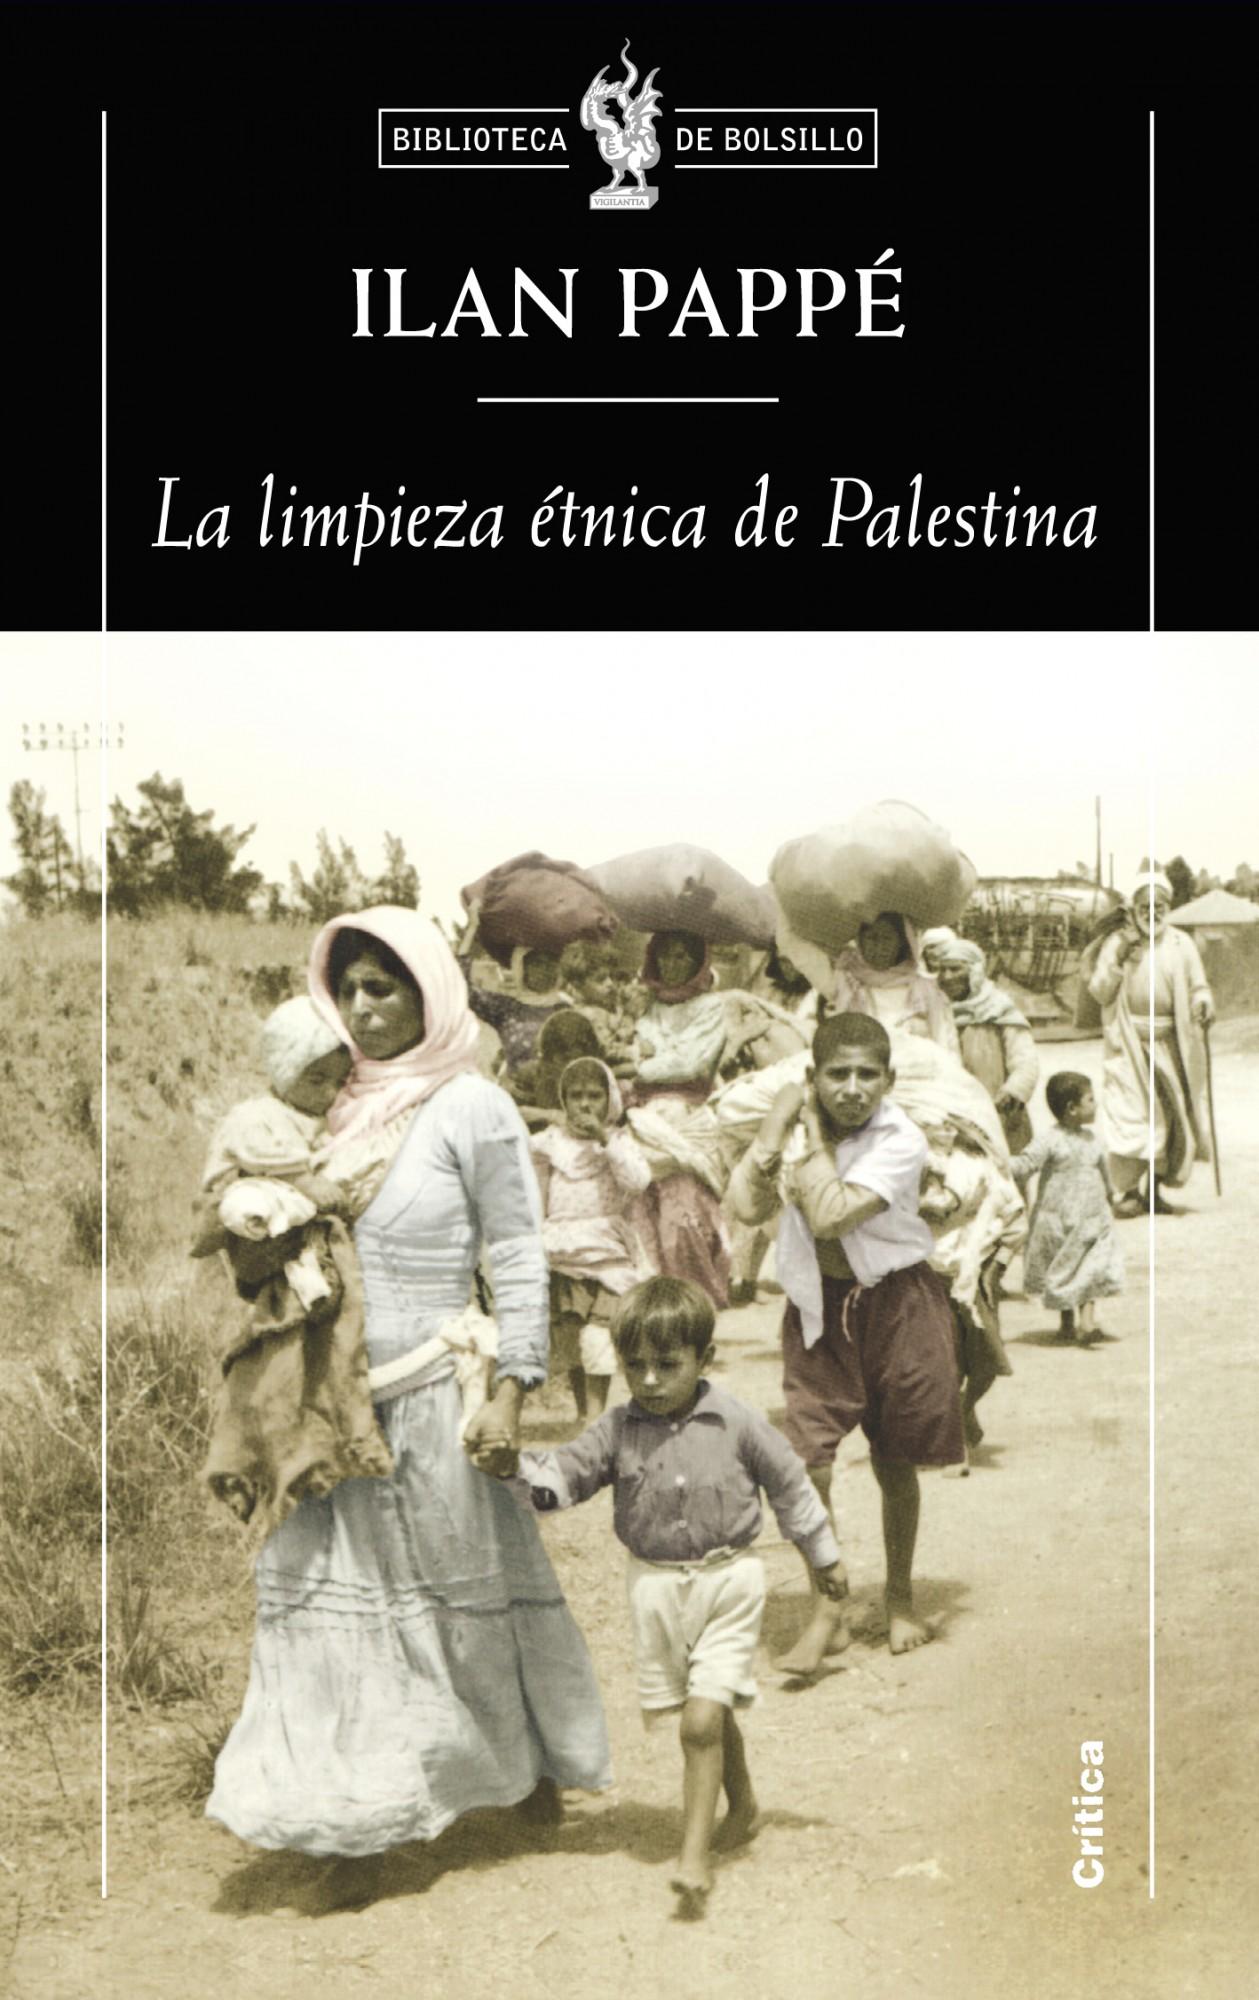 'La limpieza étnica de Palestina', Ilan Pappé (Crítica, 2008)